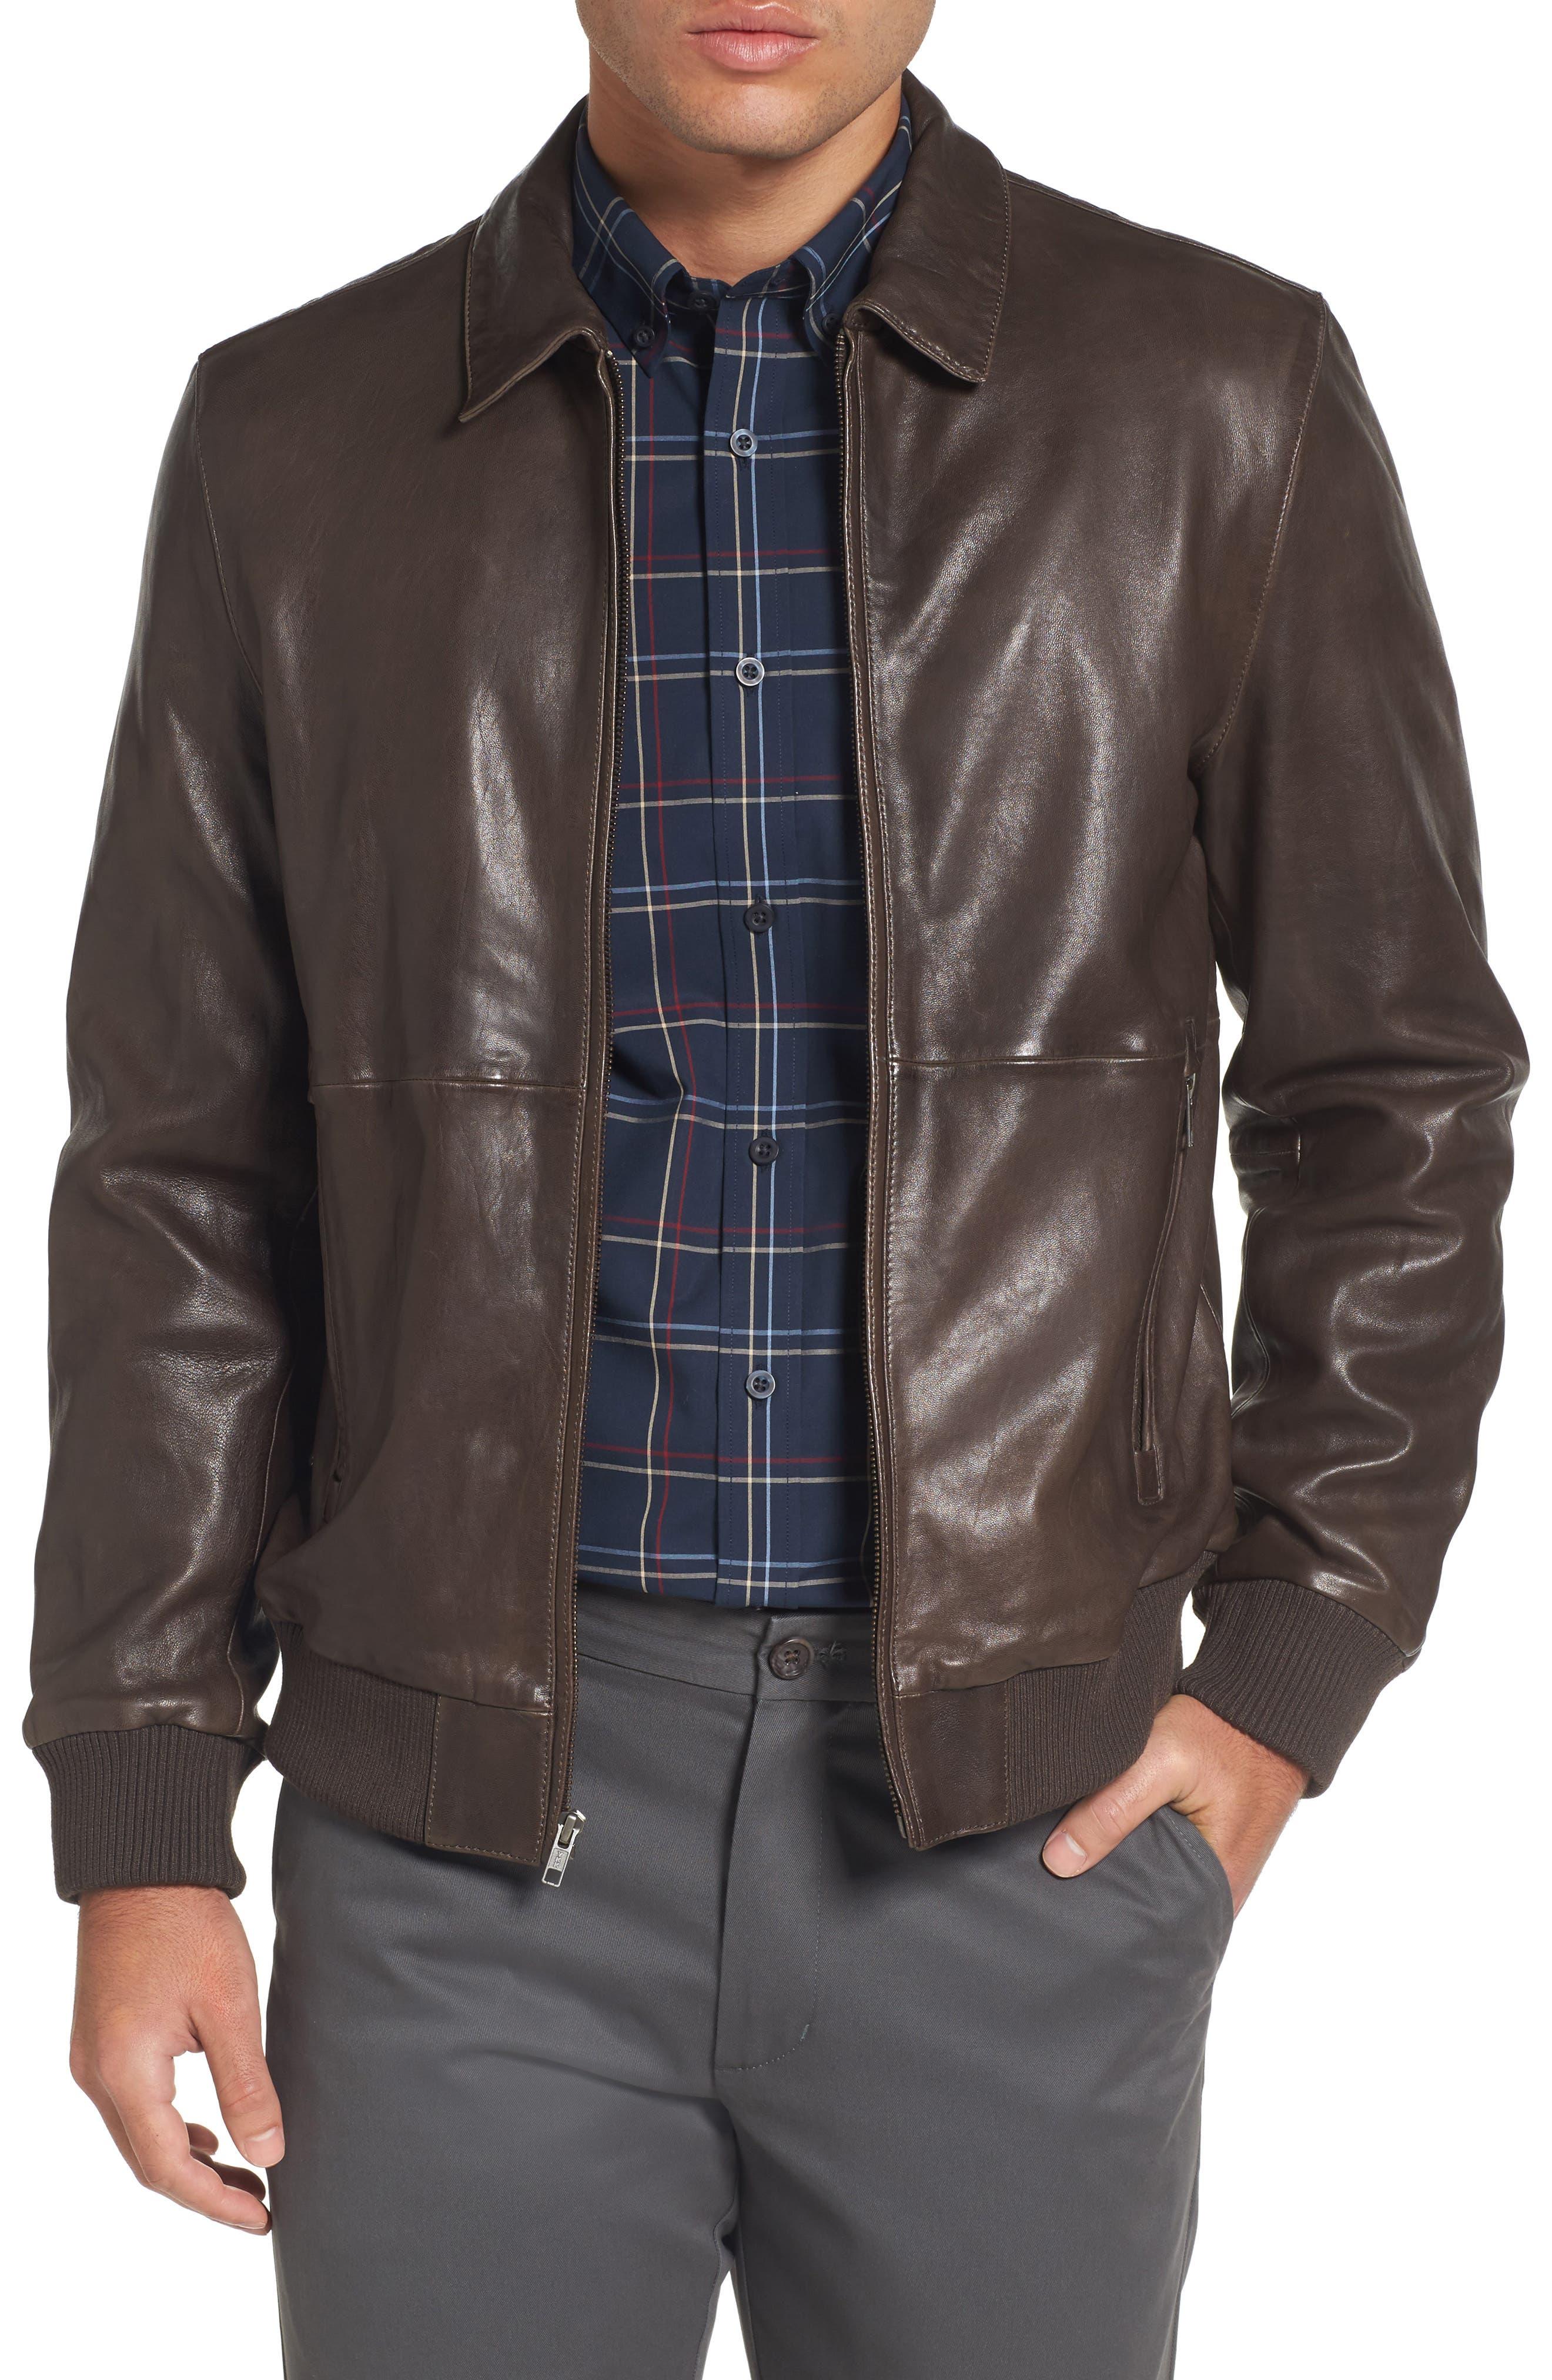 Nordstrom Men's Shop Leather Bomber Jacket